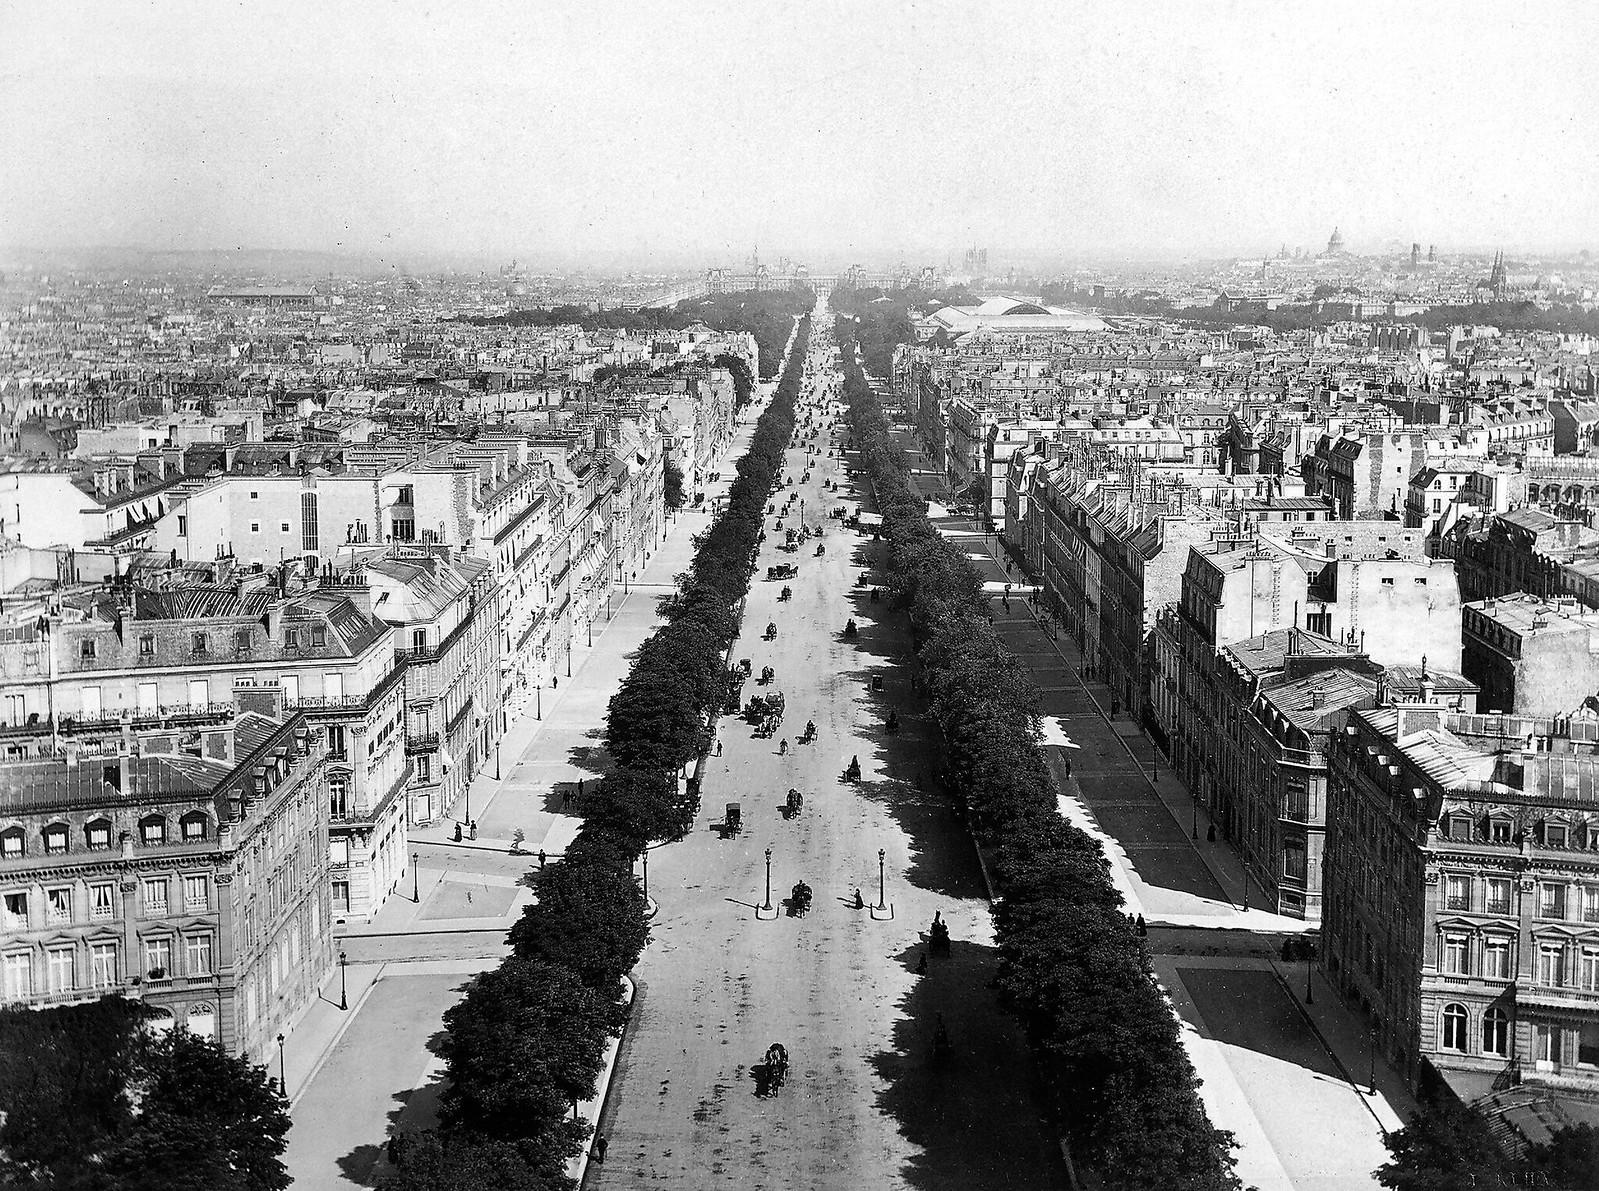 1870. Вид на Елисейские поля. Фотография была сделана с Триумфальной арки